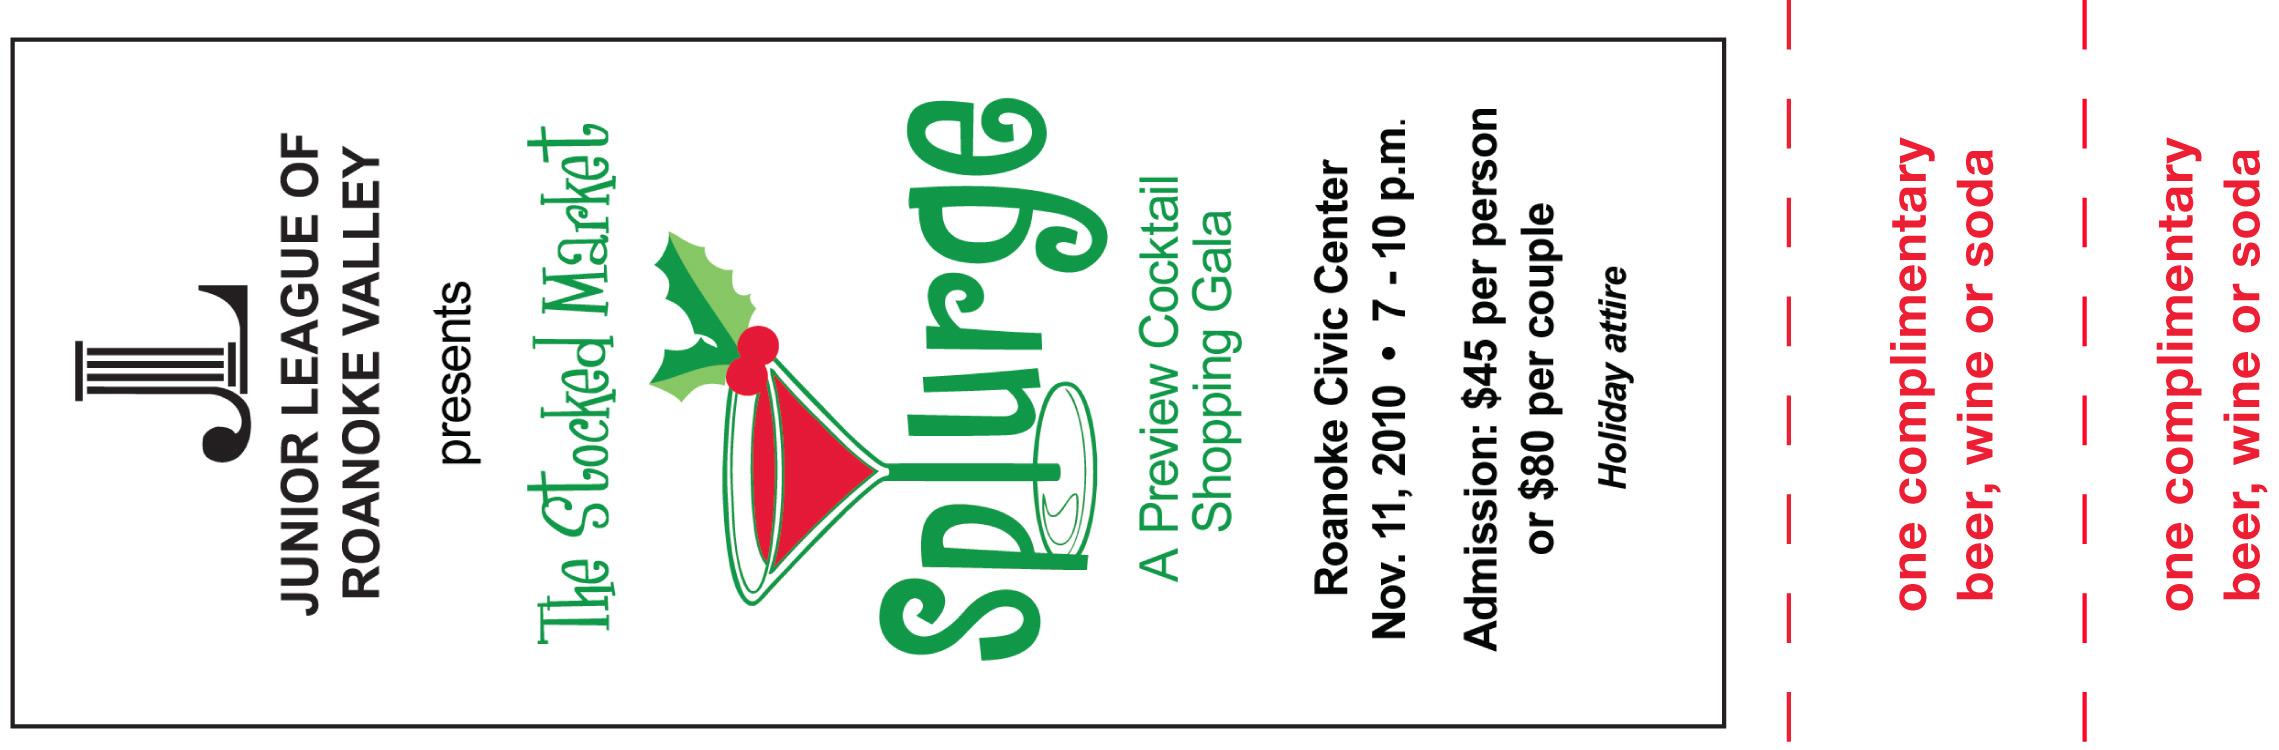 Splurge2010-Tkt.jpg